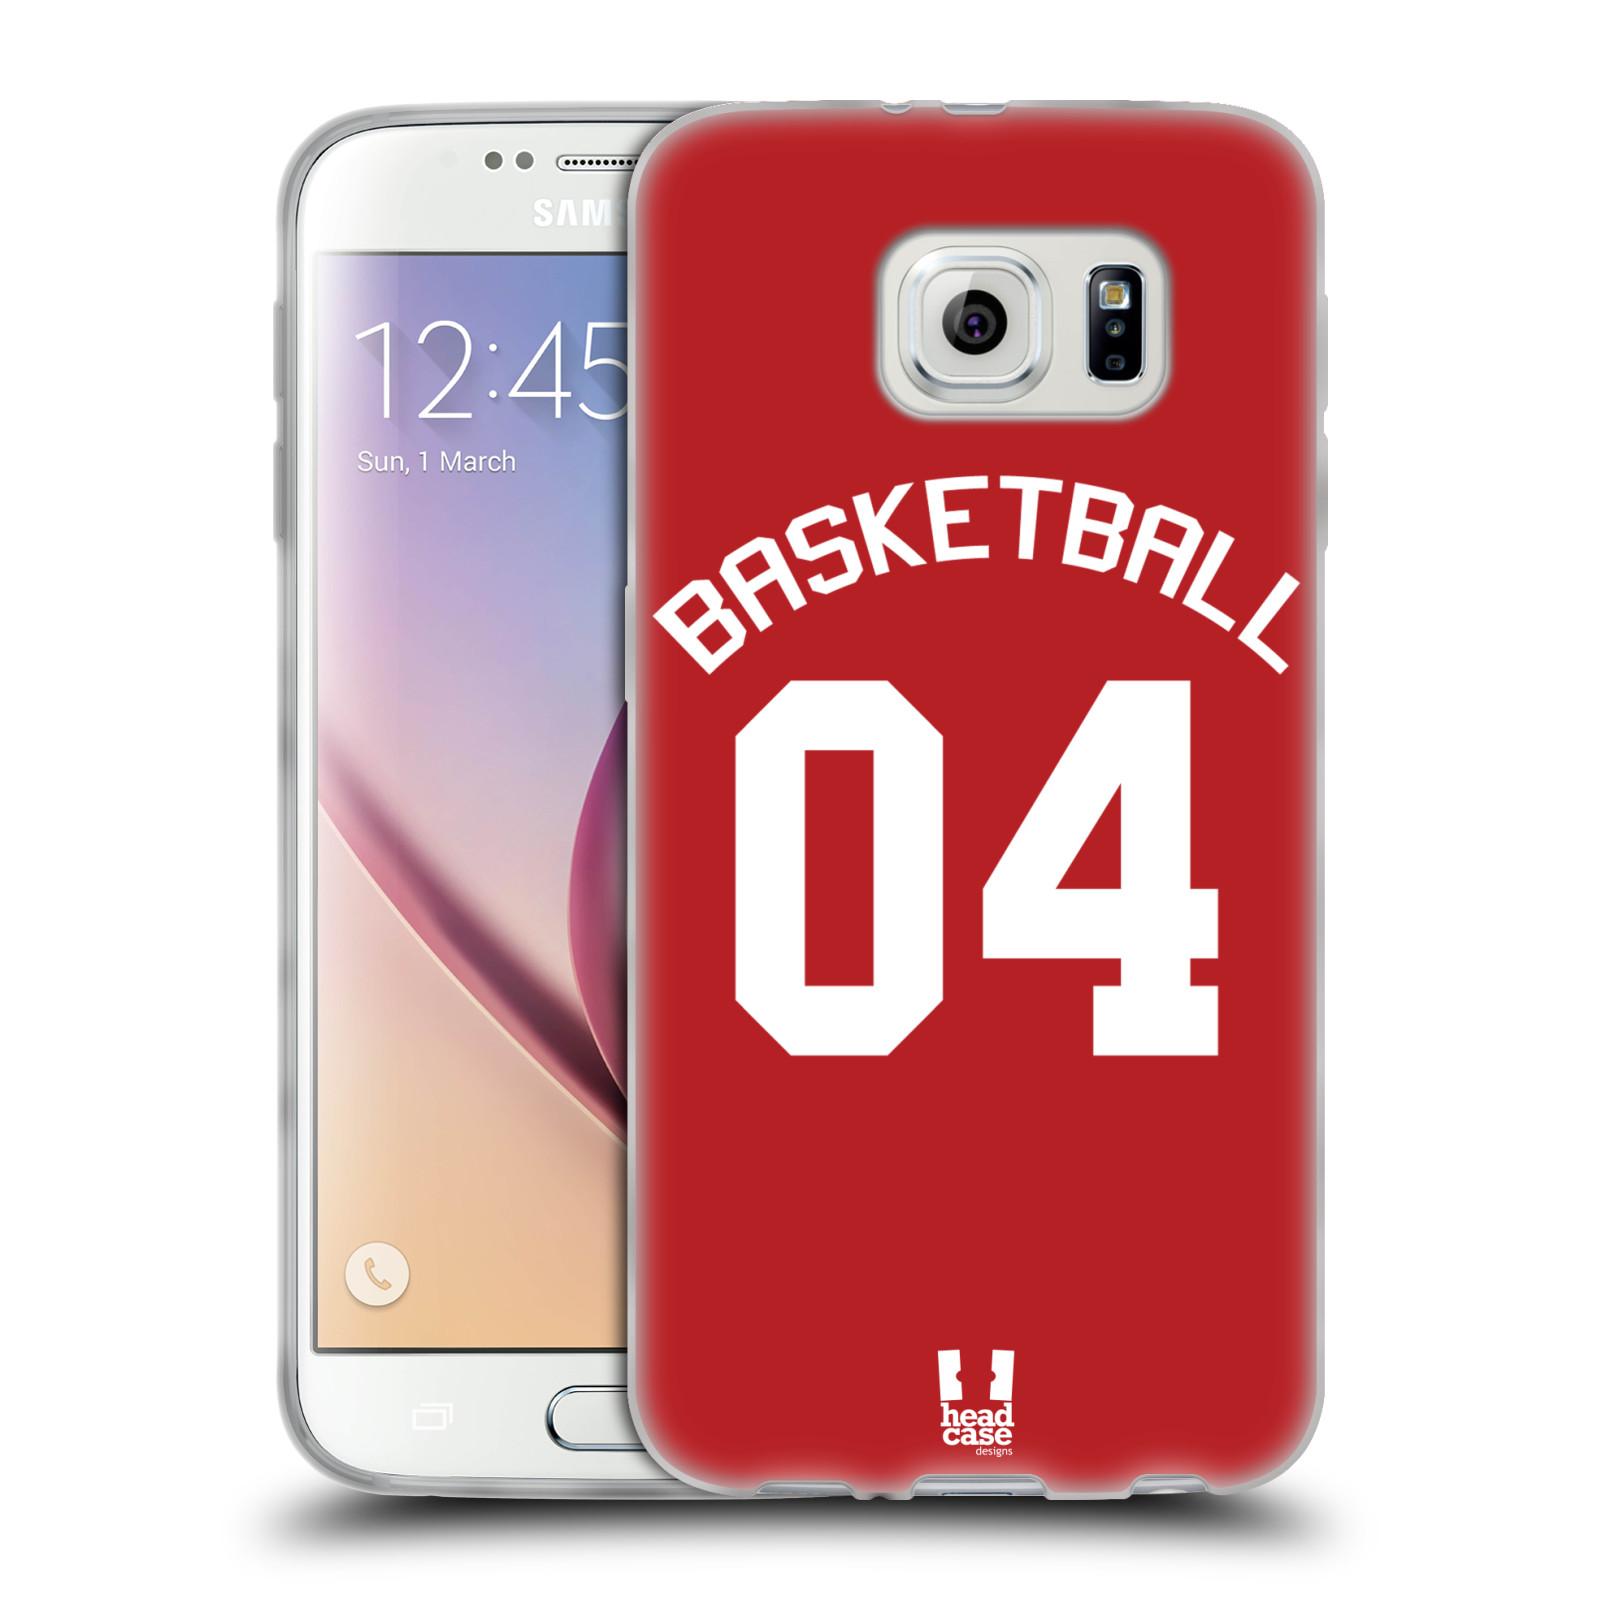 HEAD CASE silikonový obal na mobil Samsung Galaxy S6 Sportovní dres Basketbal červený